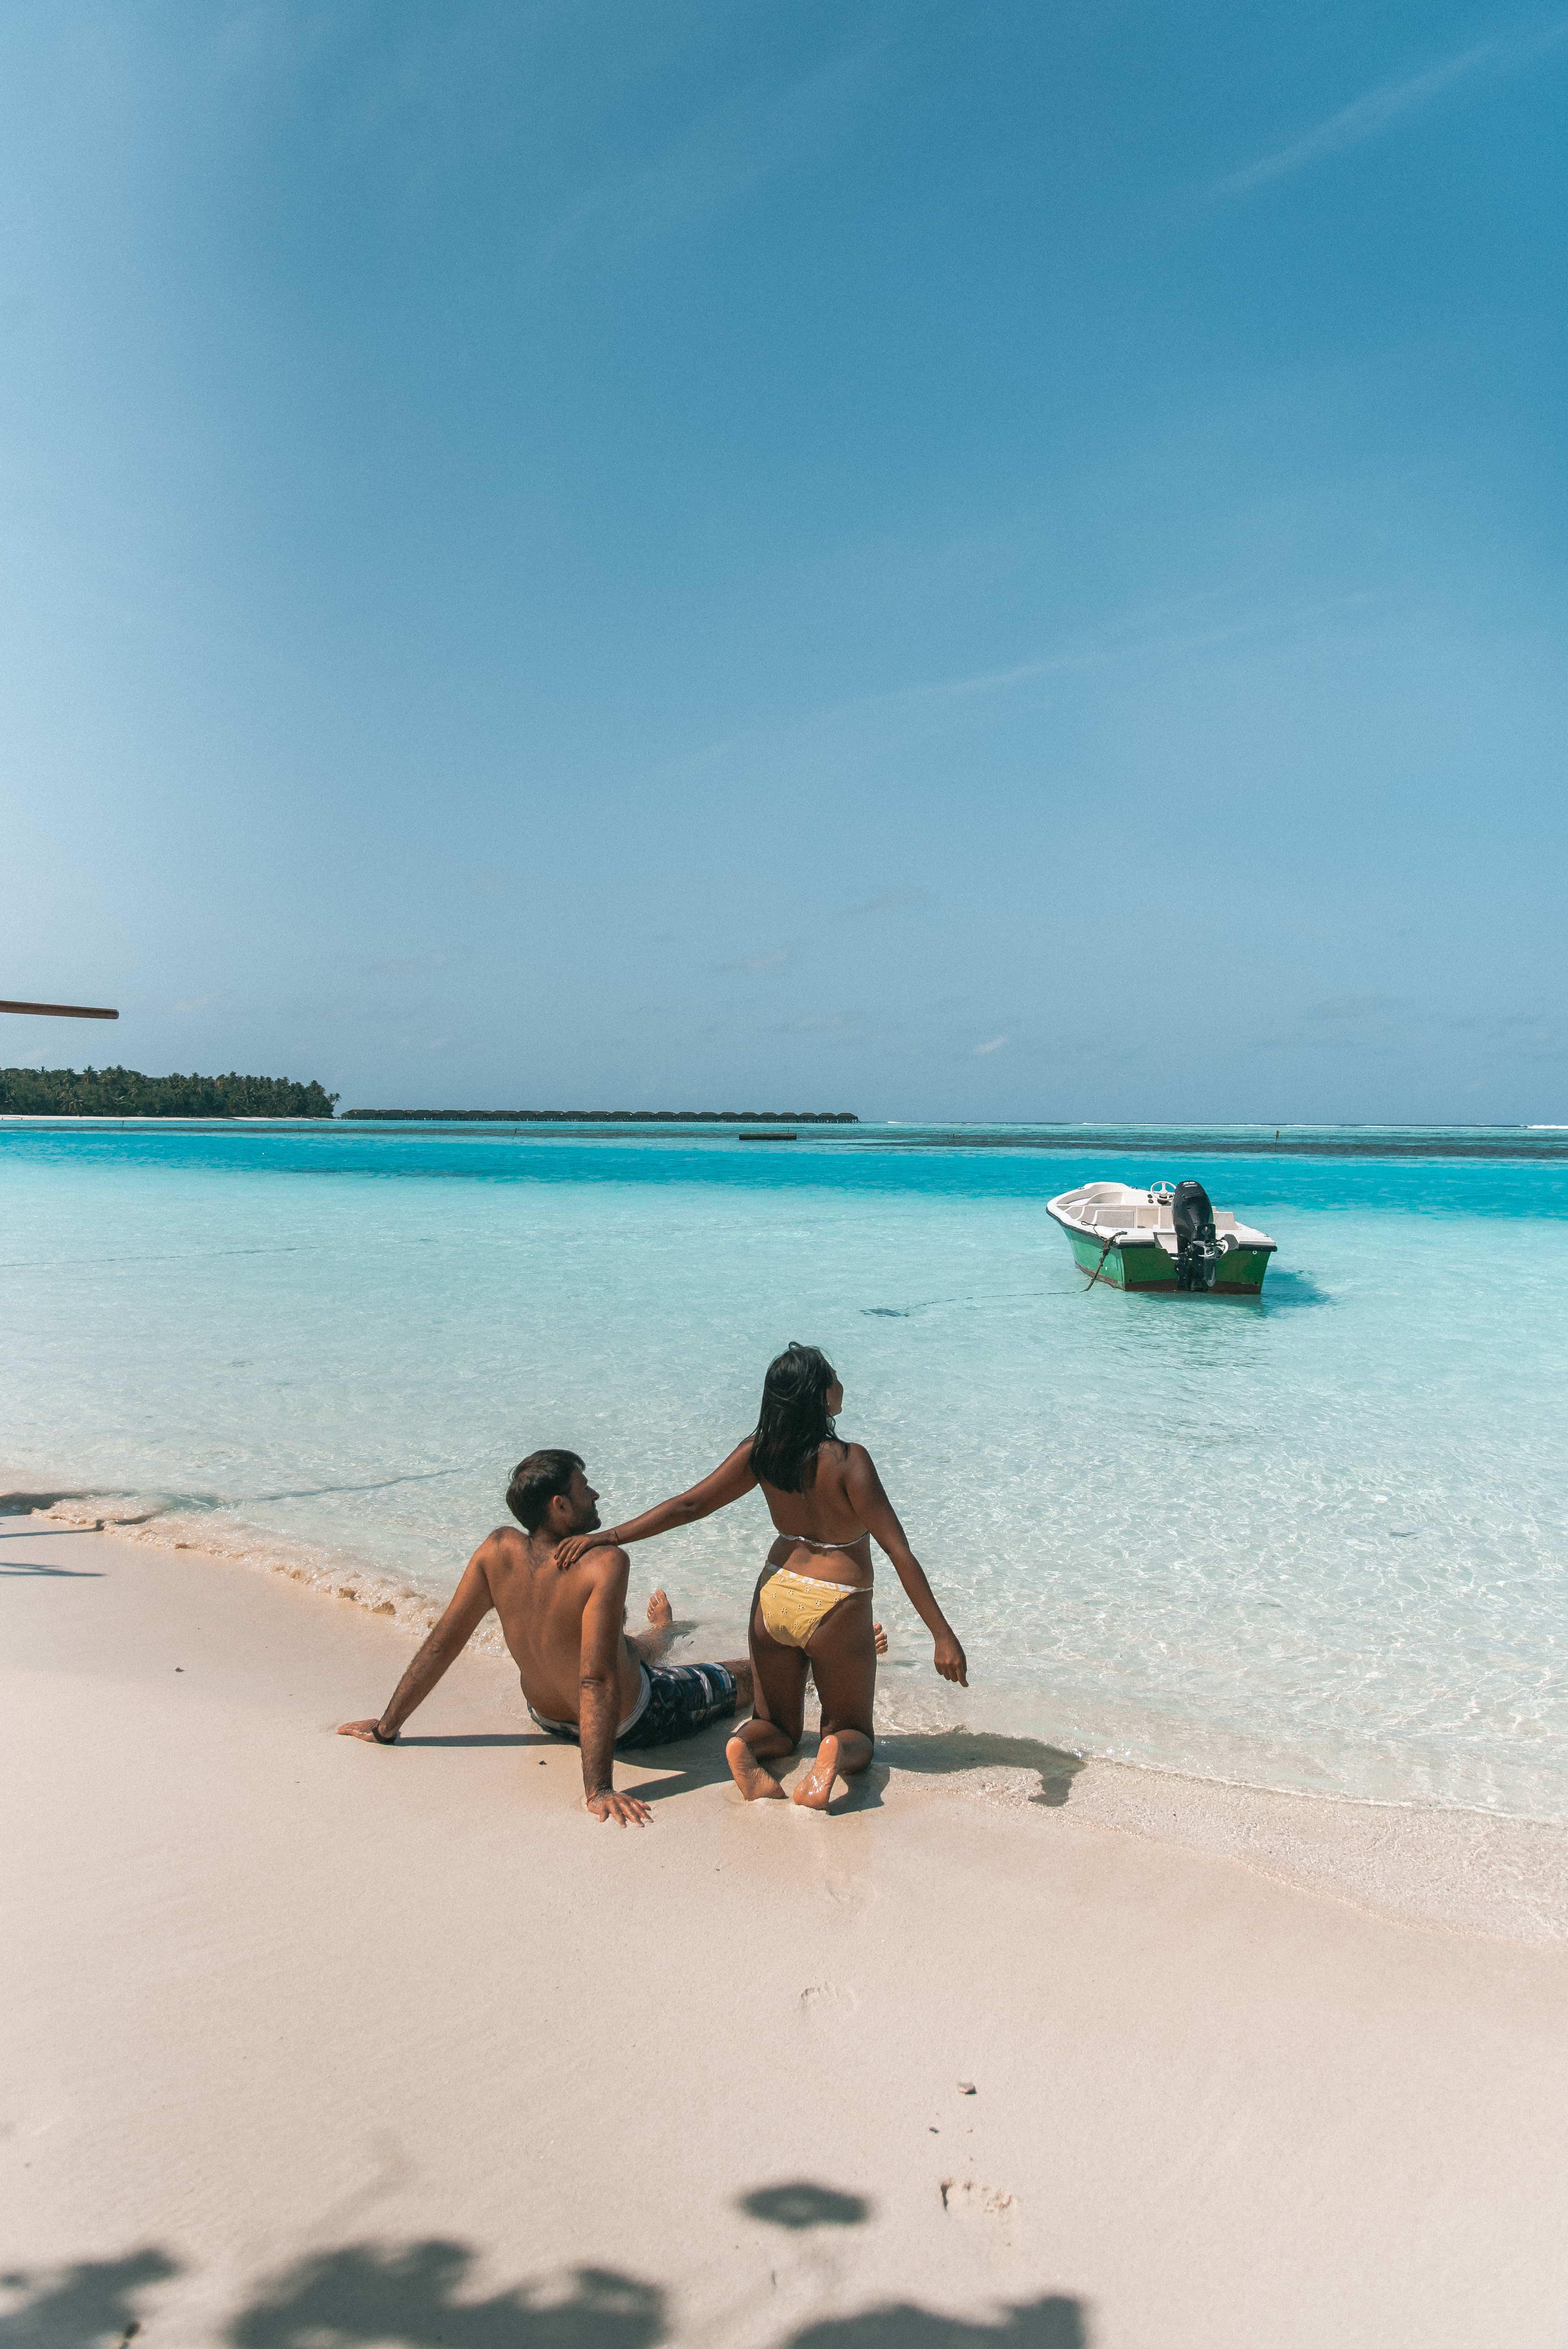 Dhiffushi travel guide, things to do in Dhiffushi, Dhifushi Island